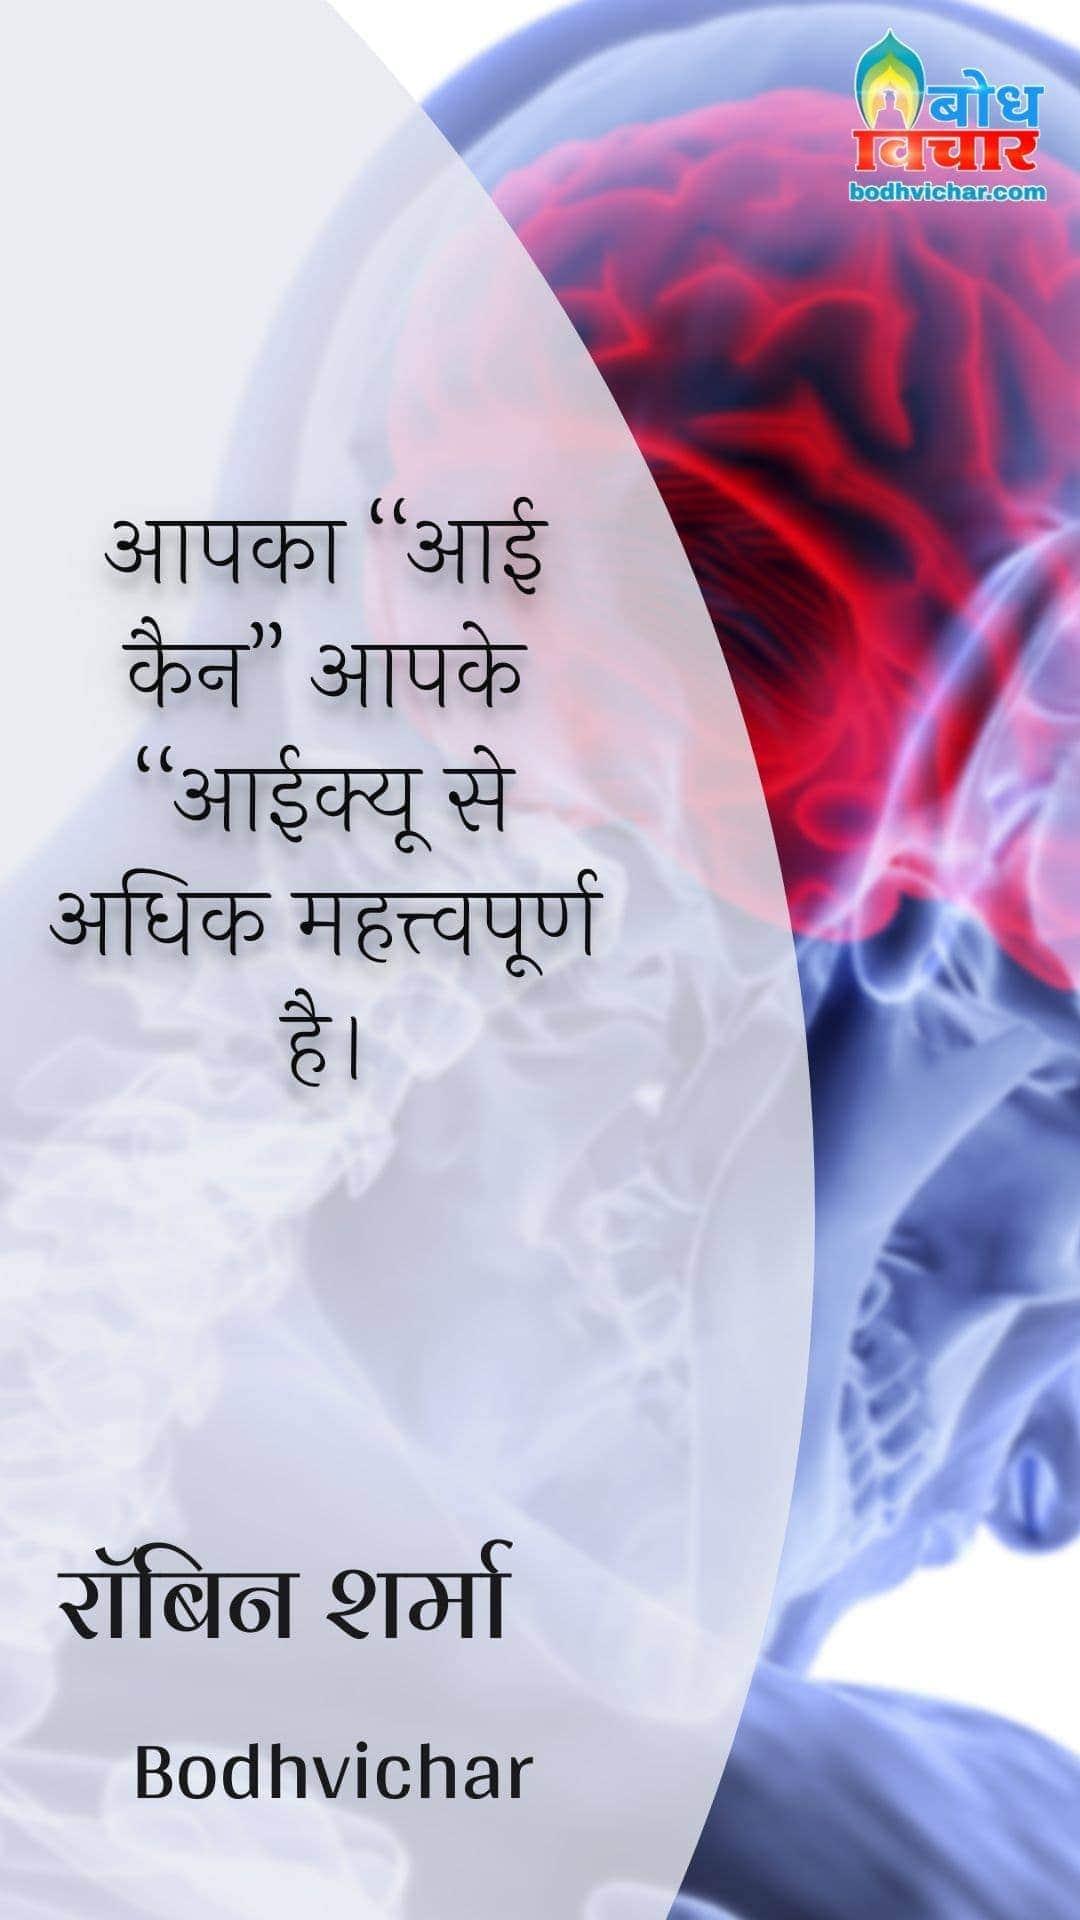 """आपका """"आई कैन"""" आपके """"आईक्यू से अधिक महत्त्वपूर्ण है। : Aapka :""""i can"""" aapke """"IQ"""" se adhik mahatvapoorna hai. - रॉबिन शर्मा"""